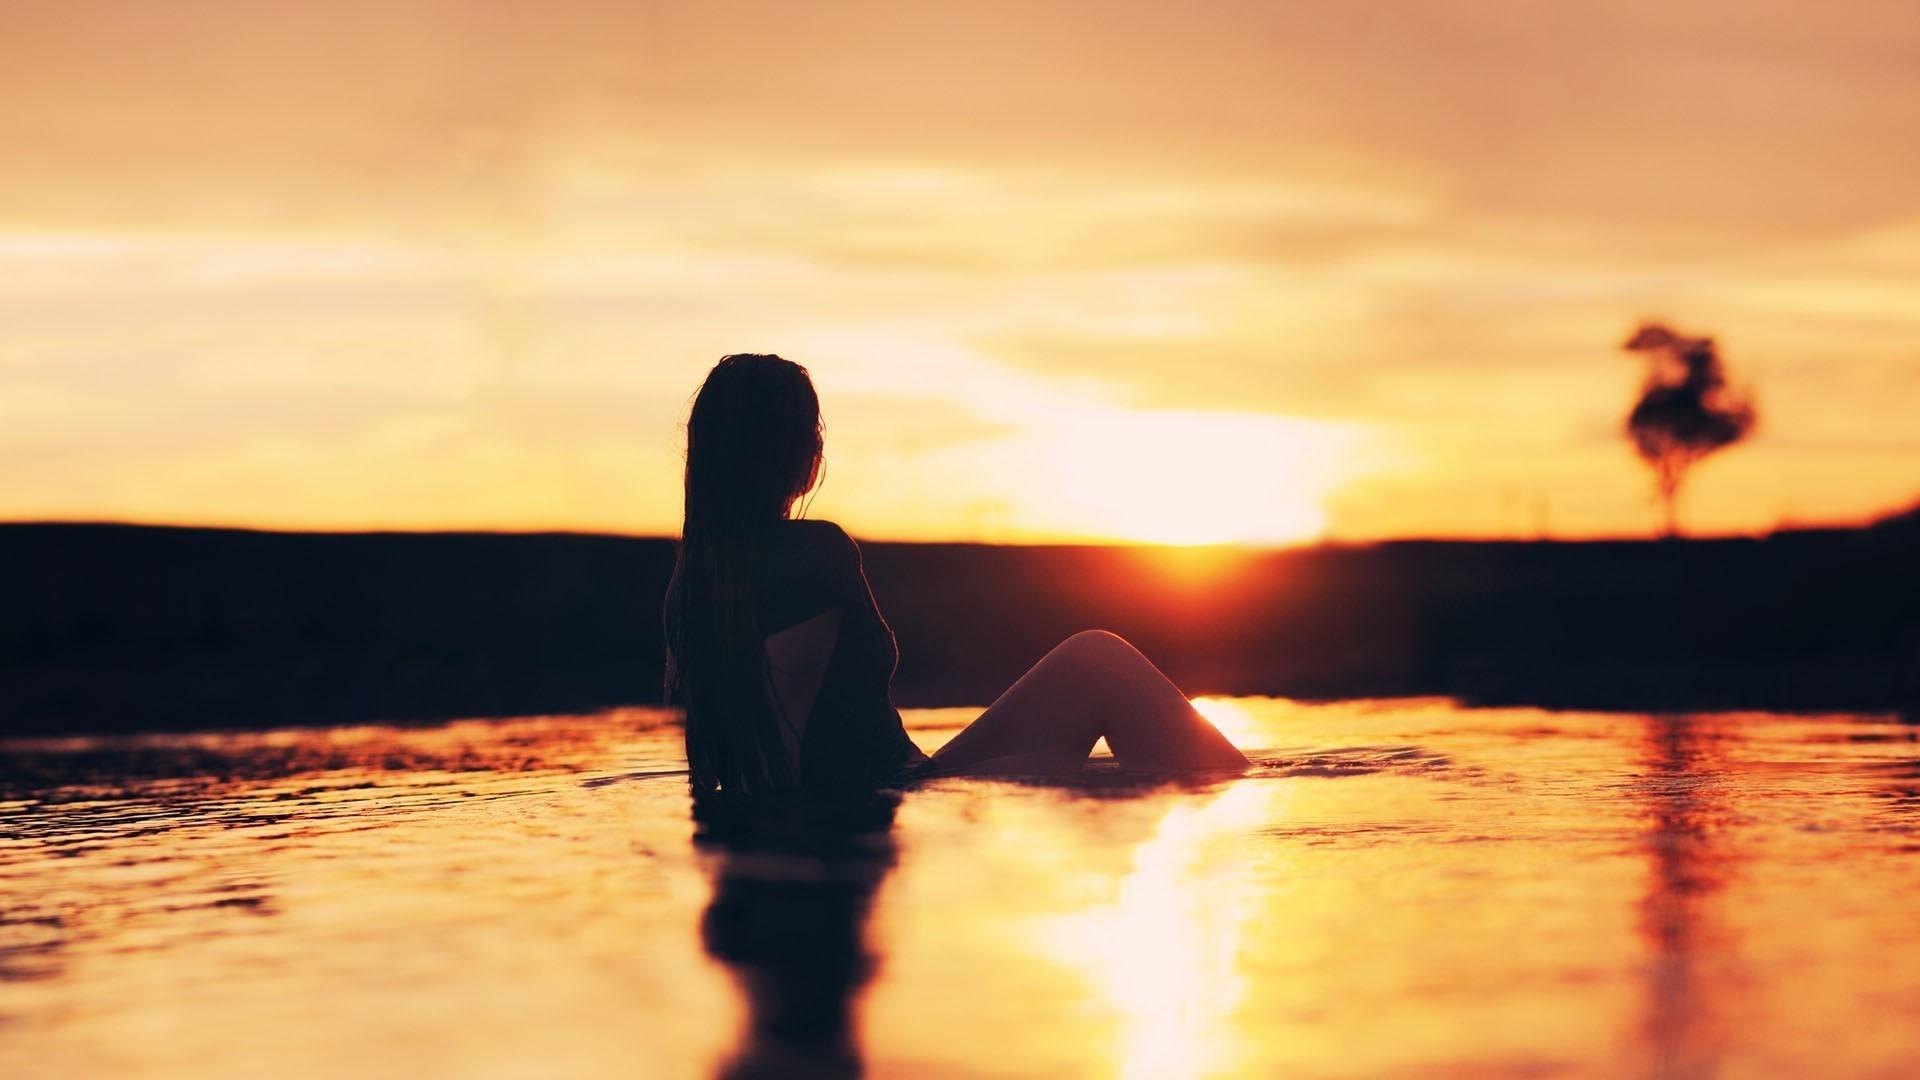 0446cb68c9 luz de sol mujer puesta de sol mar agua reflexión sombra silueta playa  noche Mañana Sol